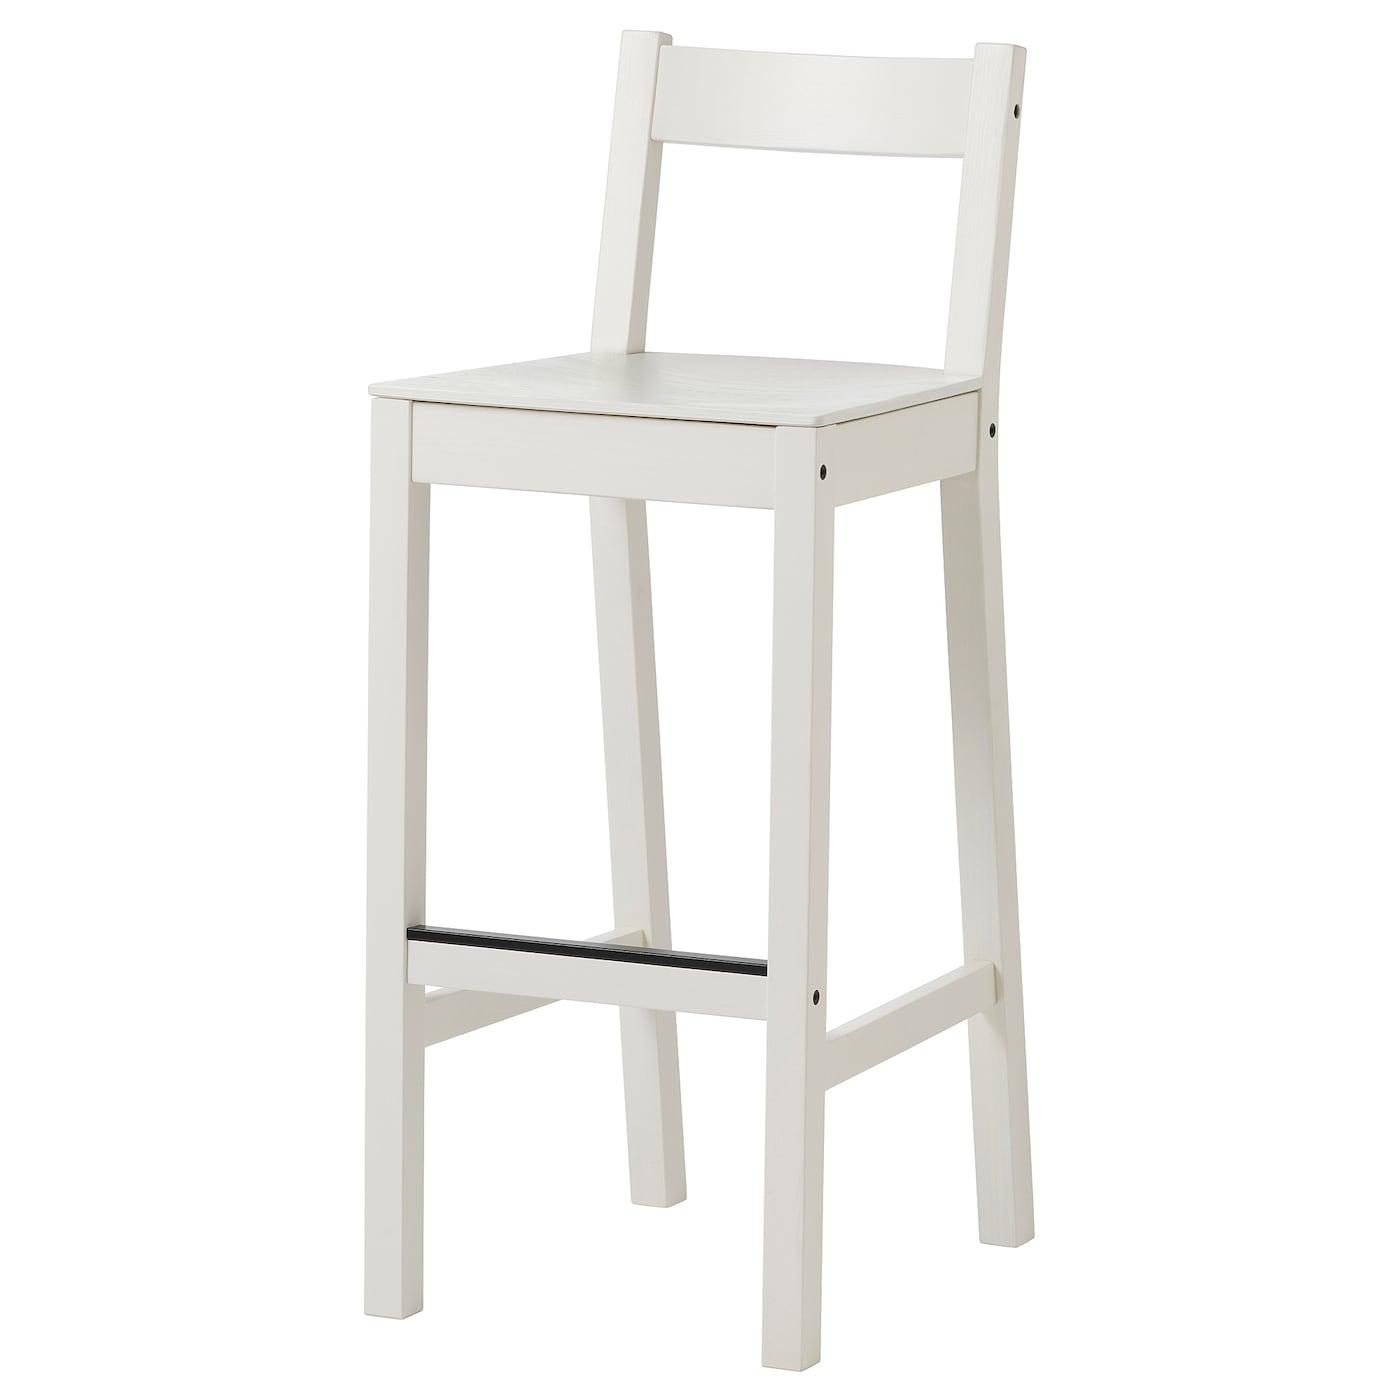 NORDVIKEN Bar stool with backrest   white 9 cm